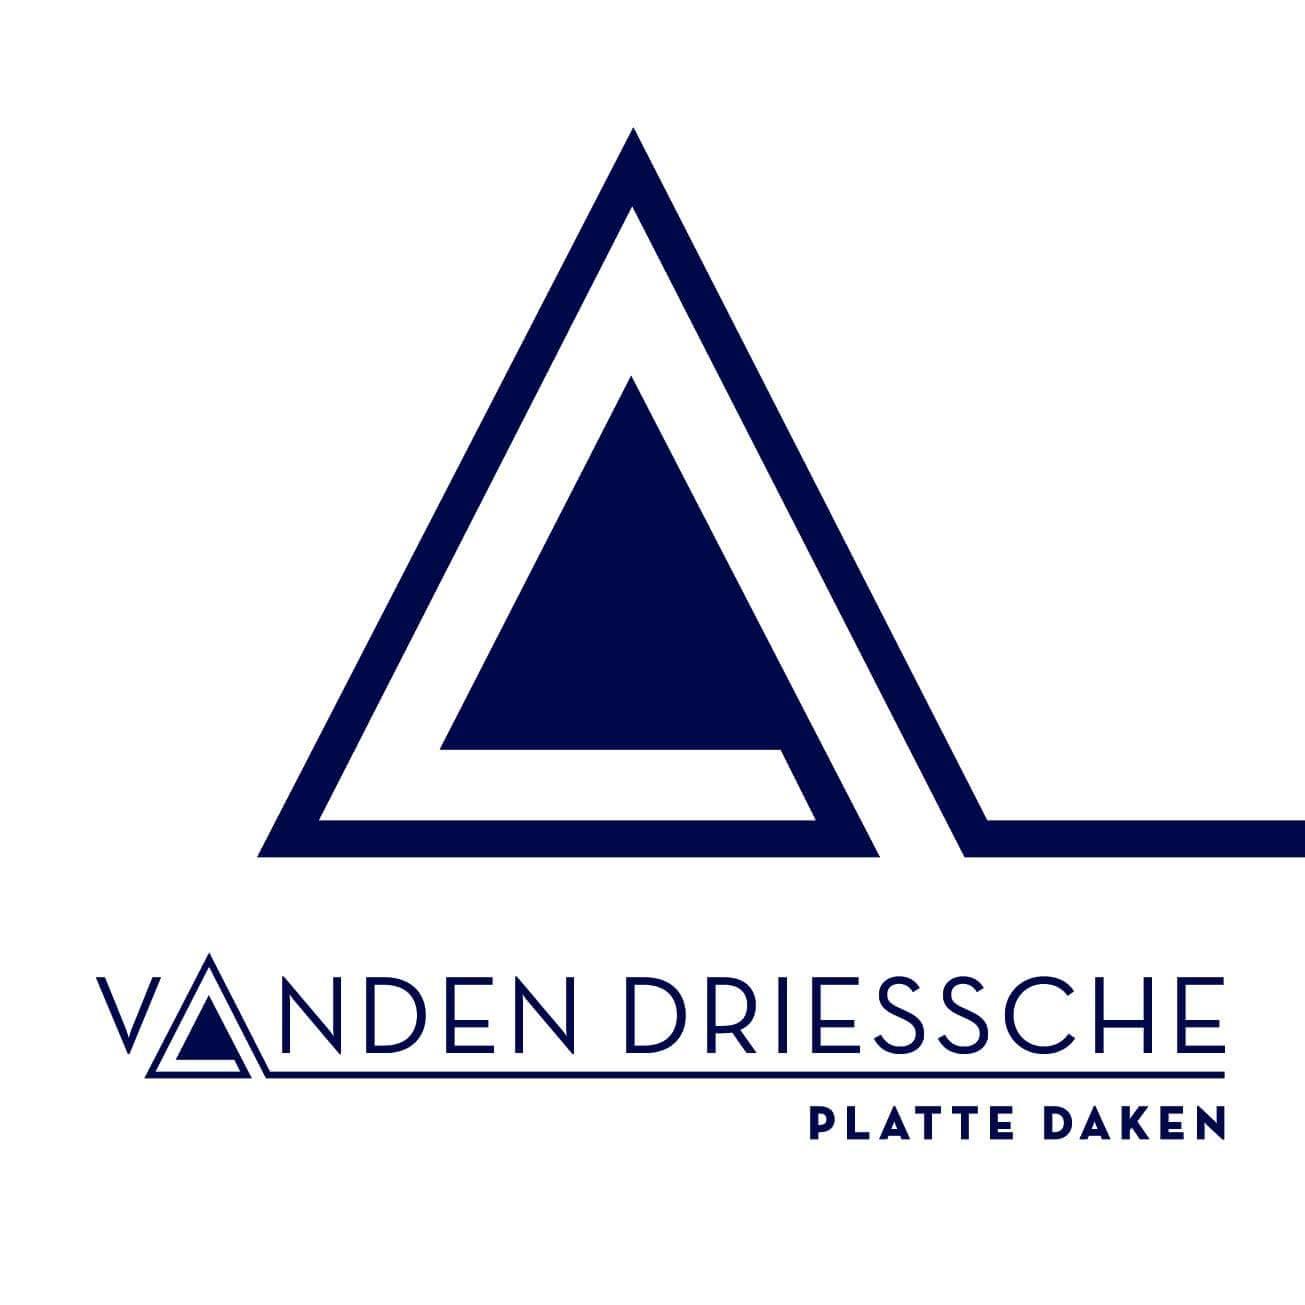 vdd-platte-daken-waregem logo